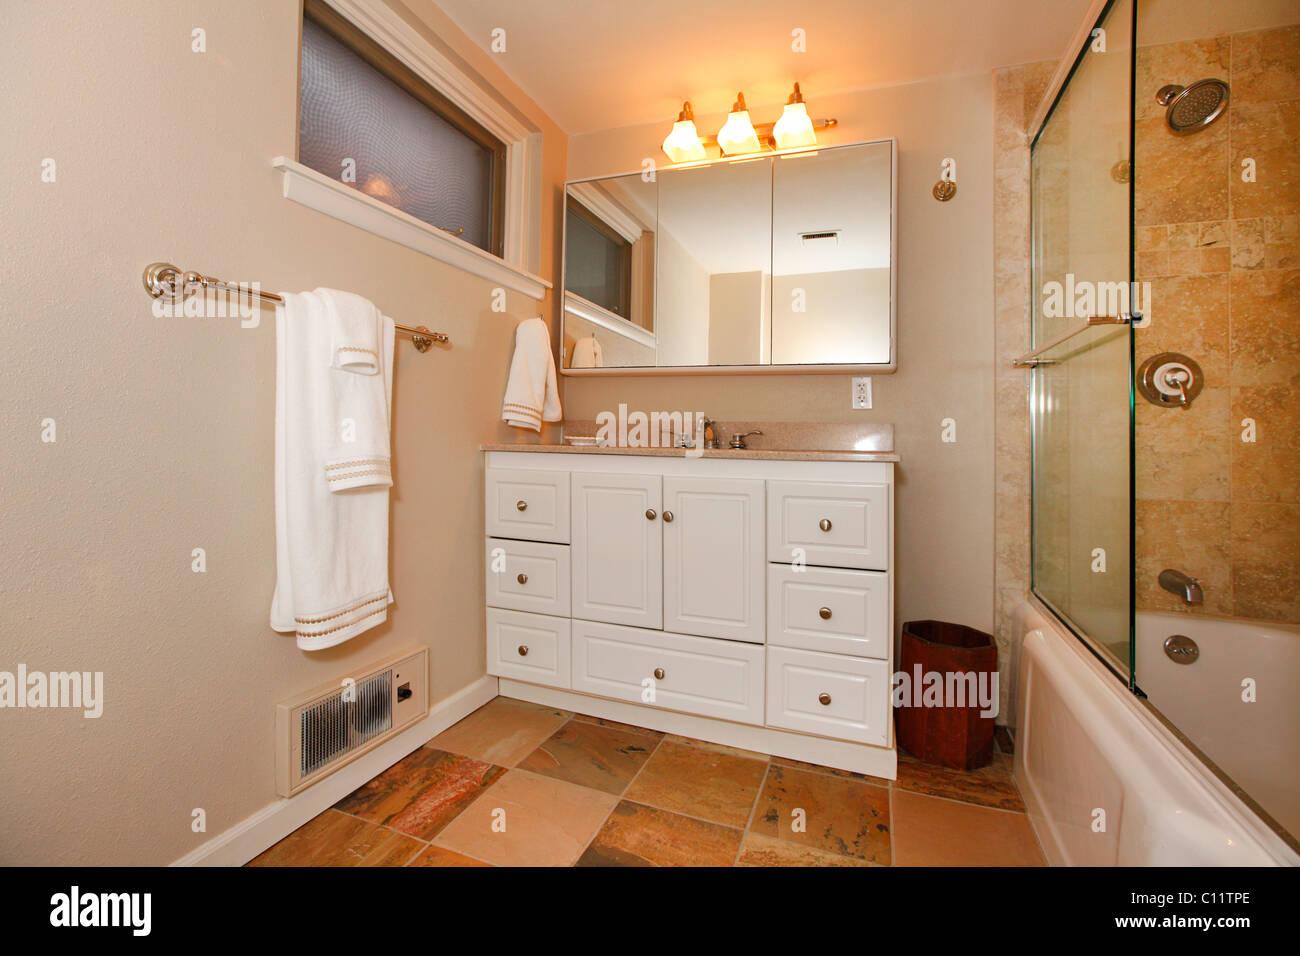 Klassische Beige Badezimmer Mit Weissen Und Holz Schranke Fliesen